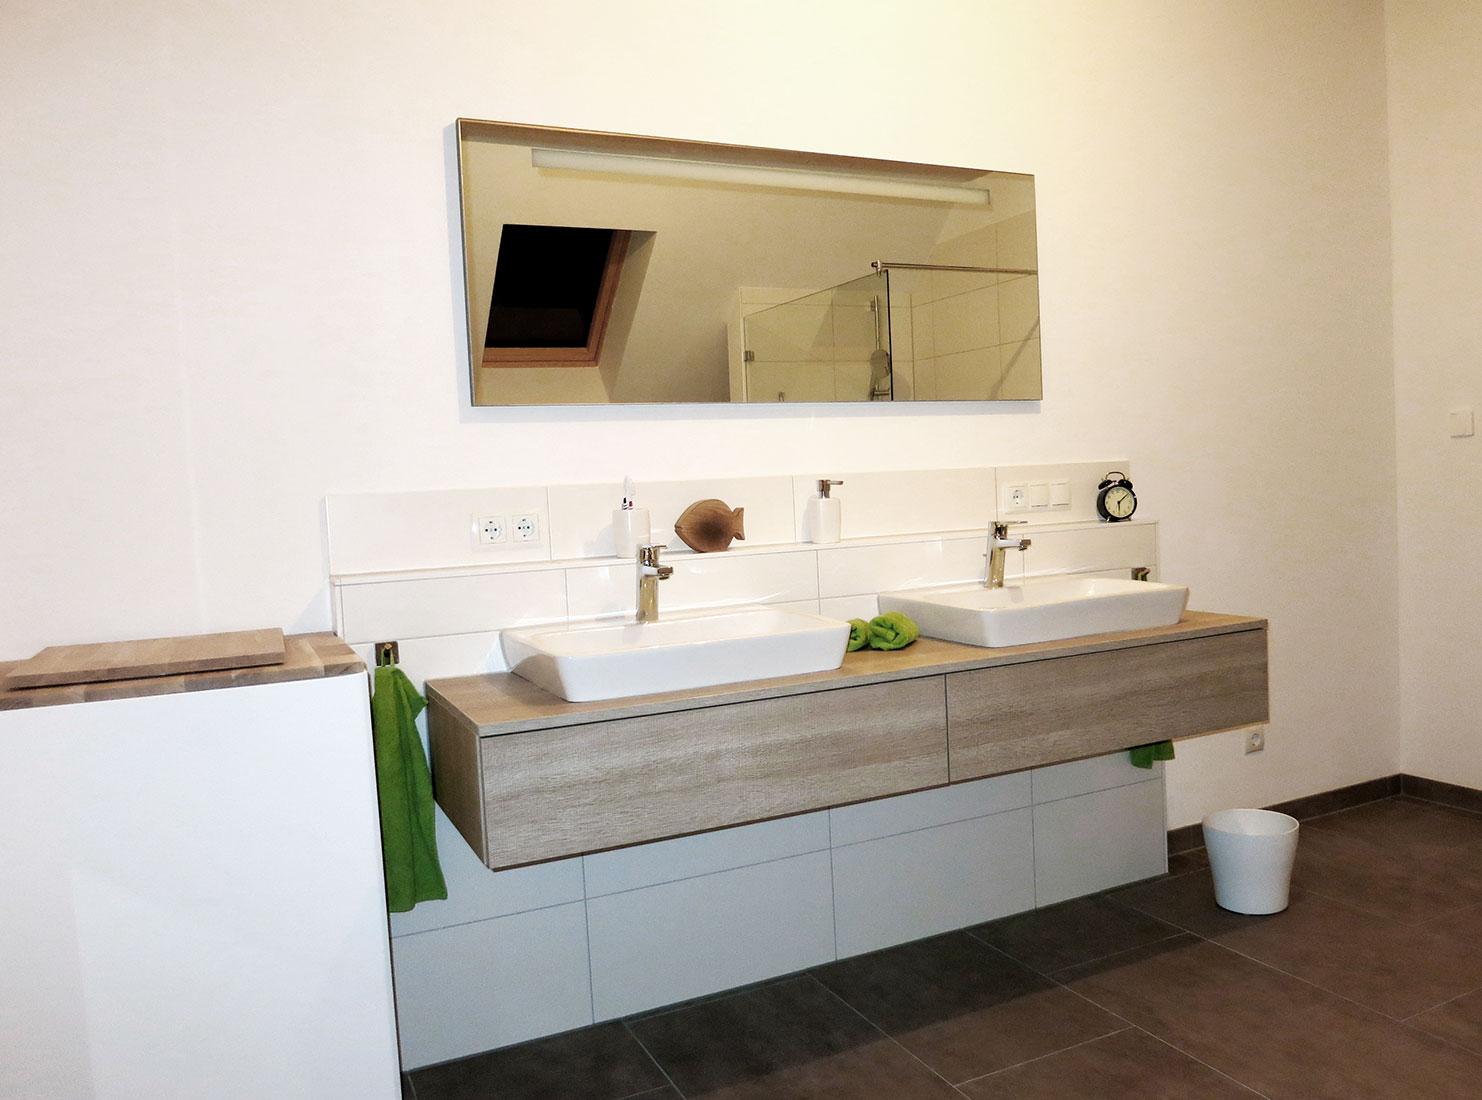 Waschtischanlage mit Aufsatzbecken